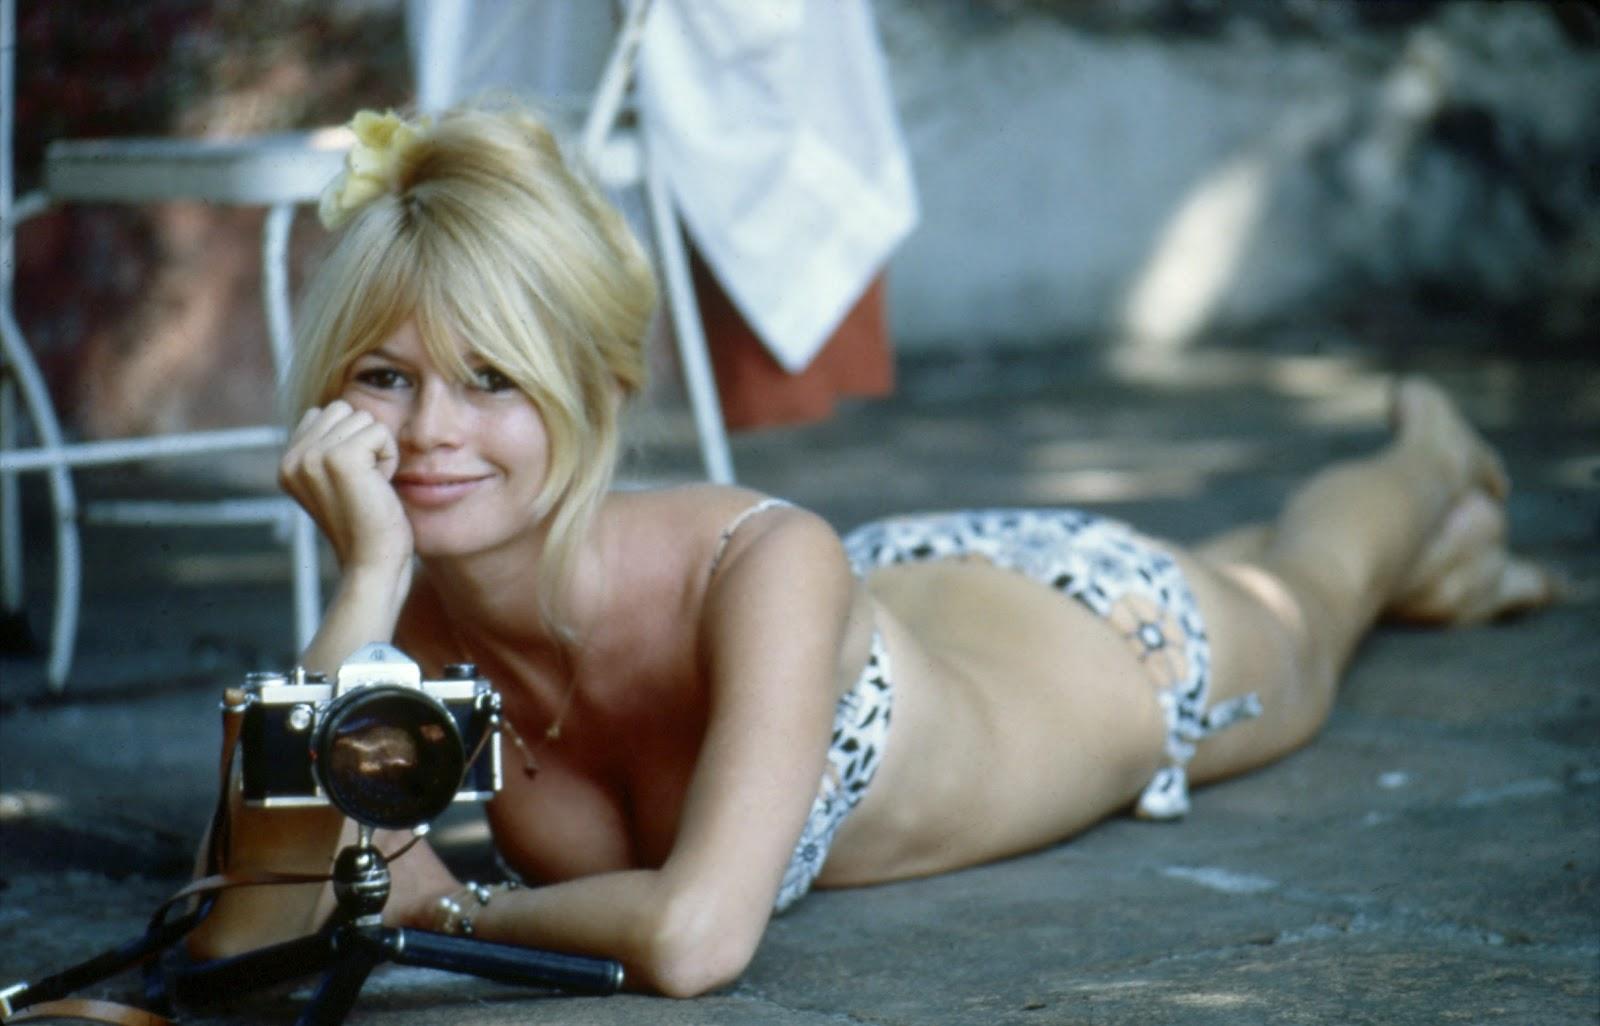 http://4.bp.blogspot.com/-vAqkWizKEgE/T6BOY5Ke24I/AAAAAAAADHQ/5SJwQIrgBiQ/s1600/2-photos-people-cinema-Brigitte-Bardot.jpg